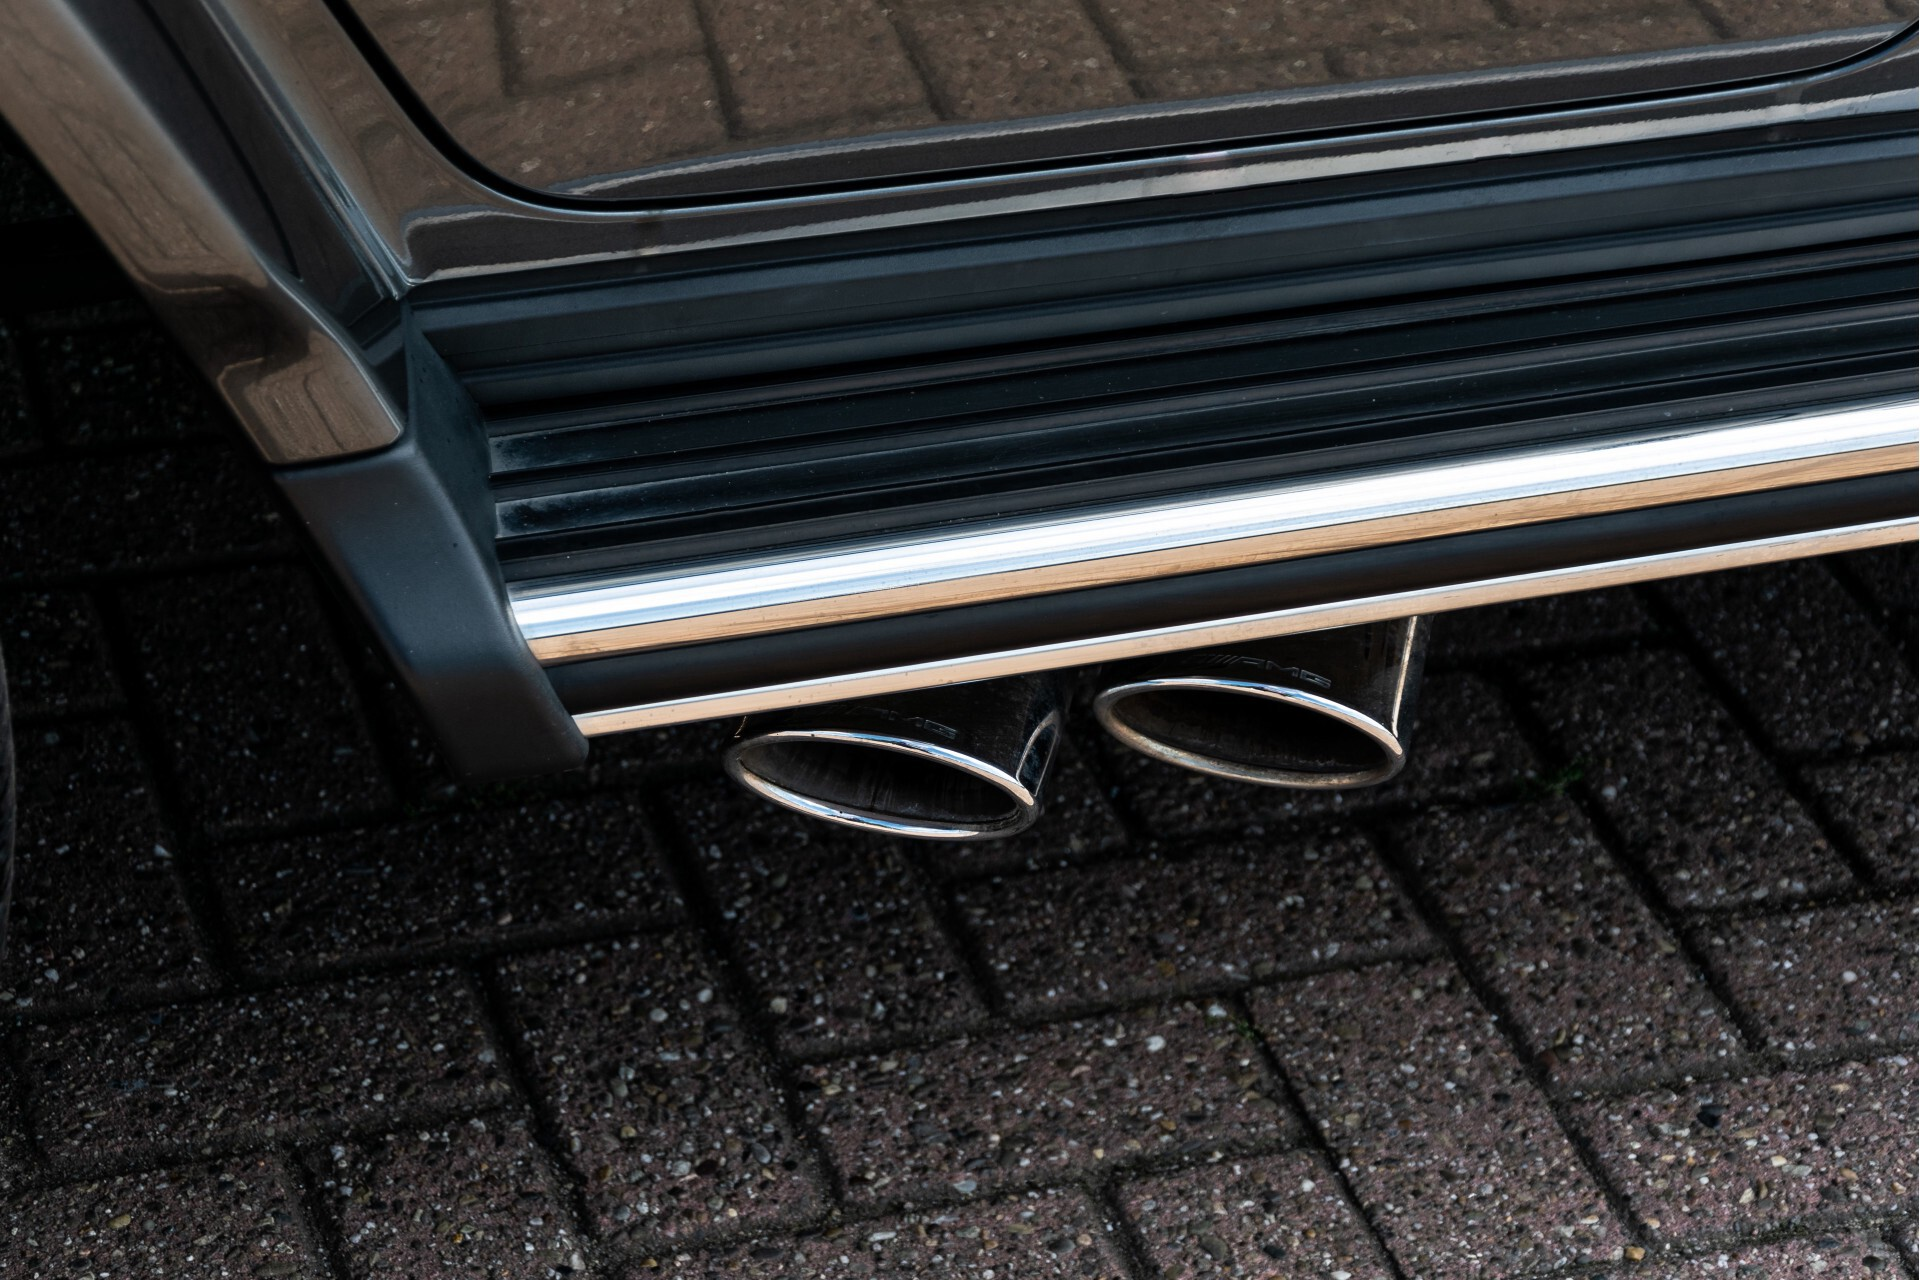 Mercedes-Benz G-Klasse 63 Manufaktur/Carbon/Massage/Entertainment/Drivers Package/TV Aut9 Foto 67